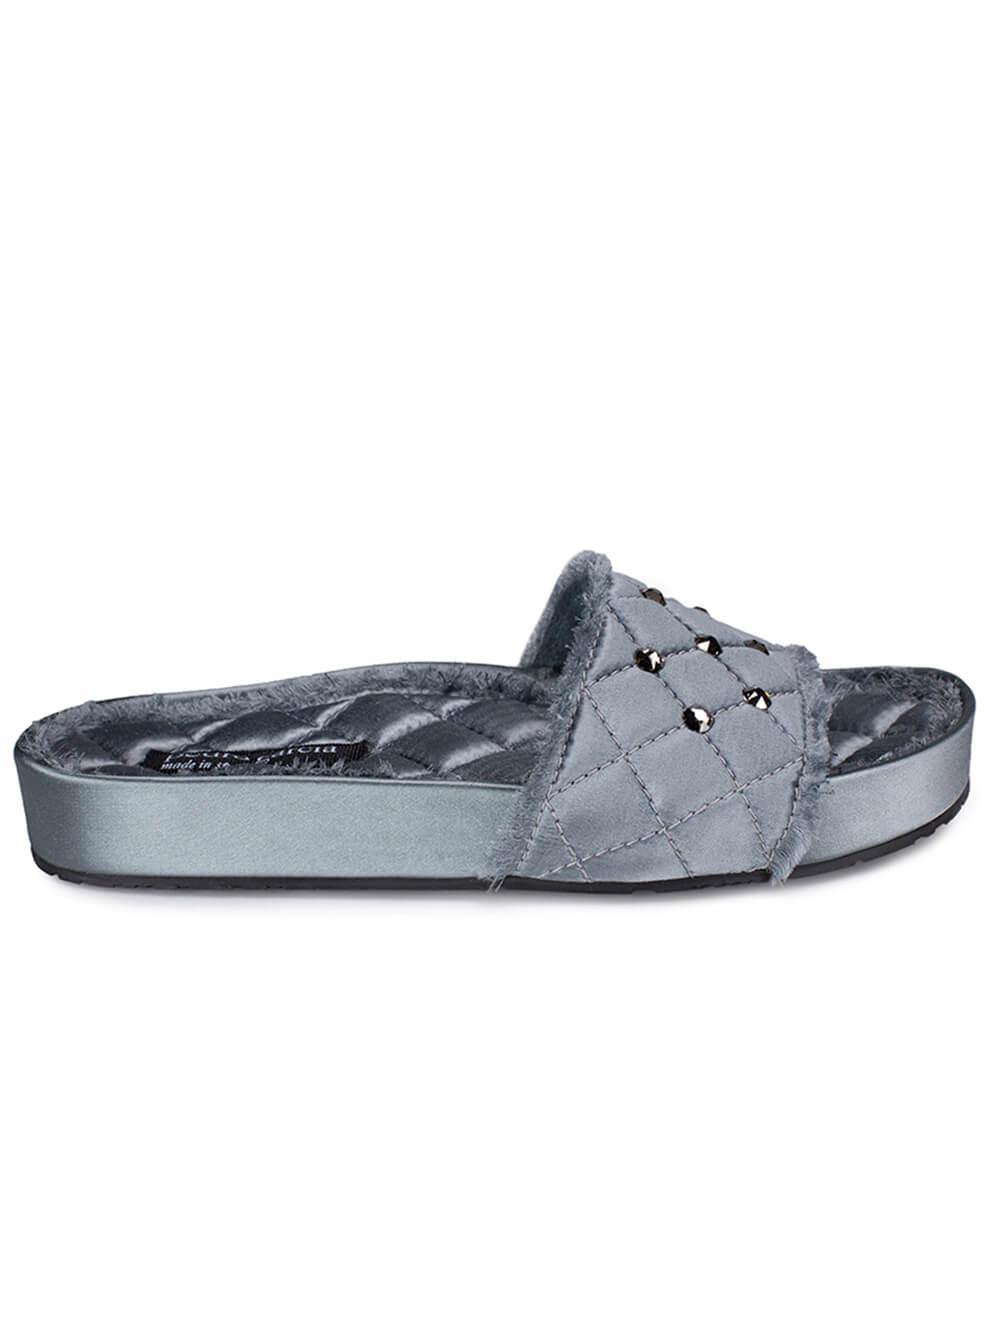 Aramis Slide Sandal